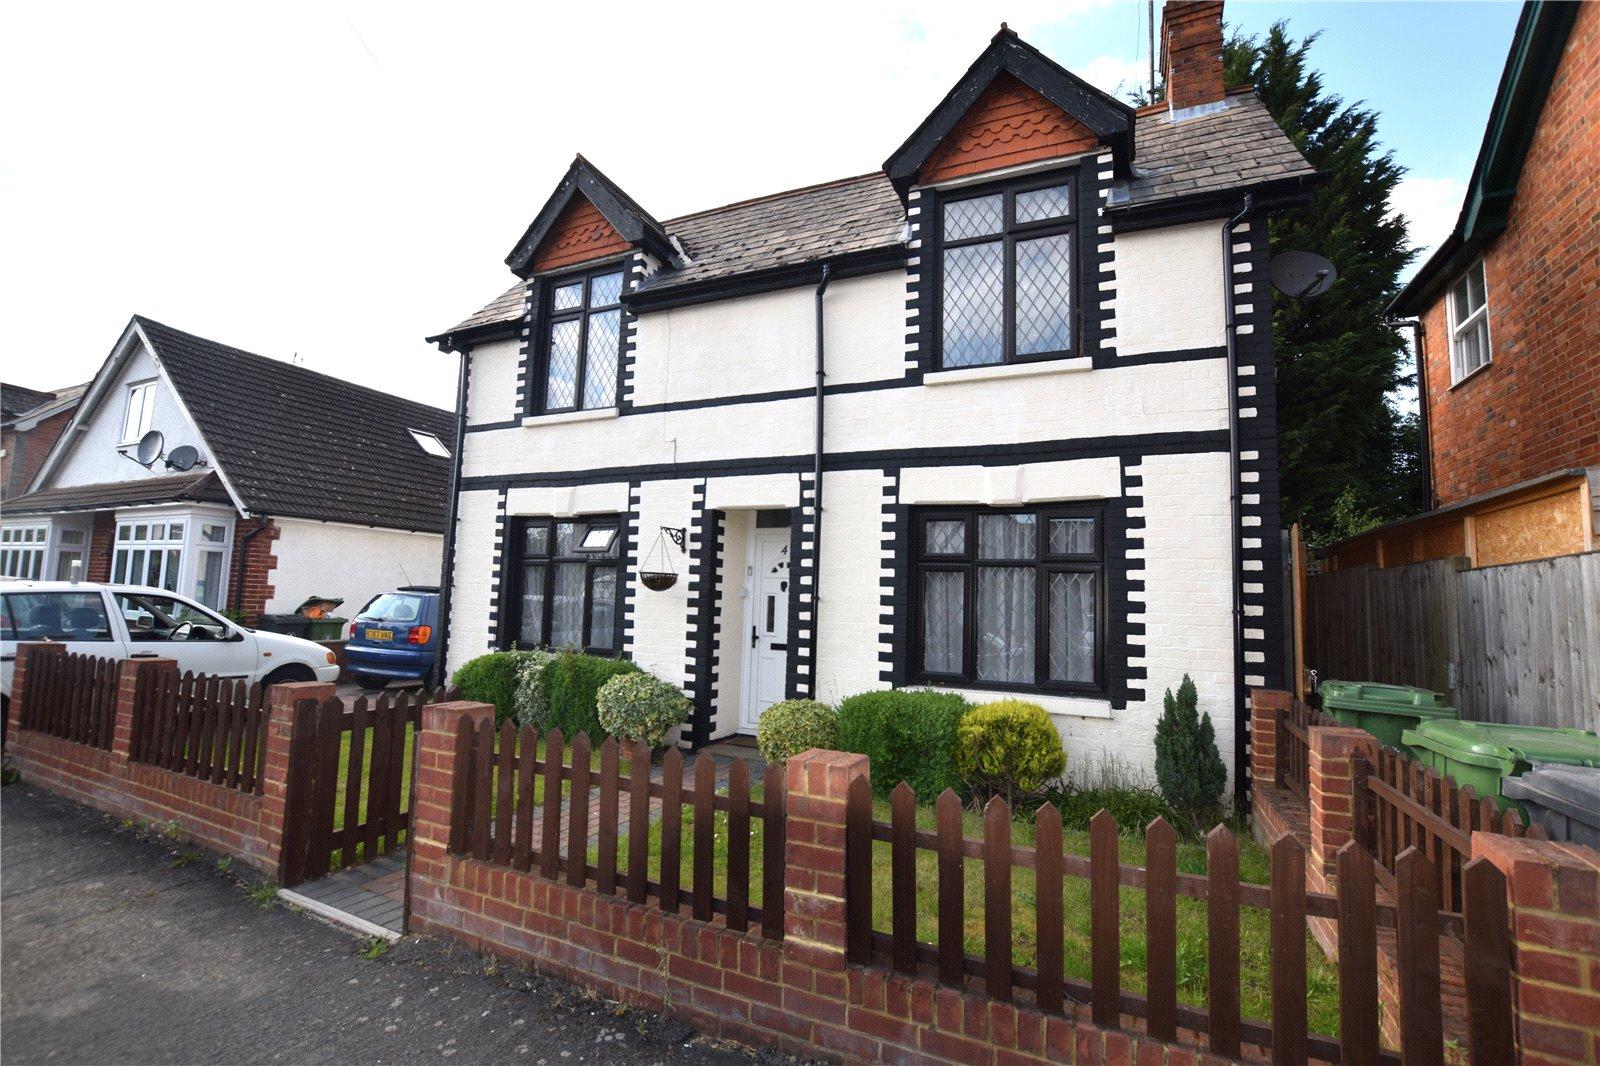 3 Bedrooms Detached House for sale in Queens Road, Camberley, Surrey, GU15